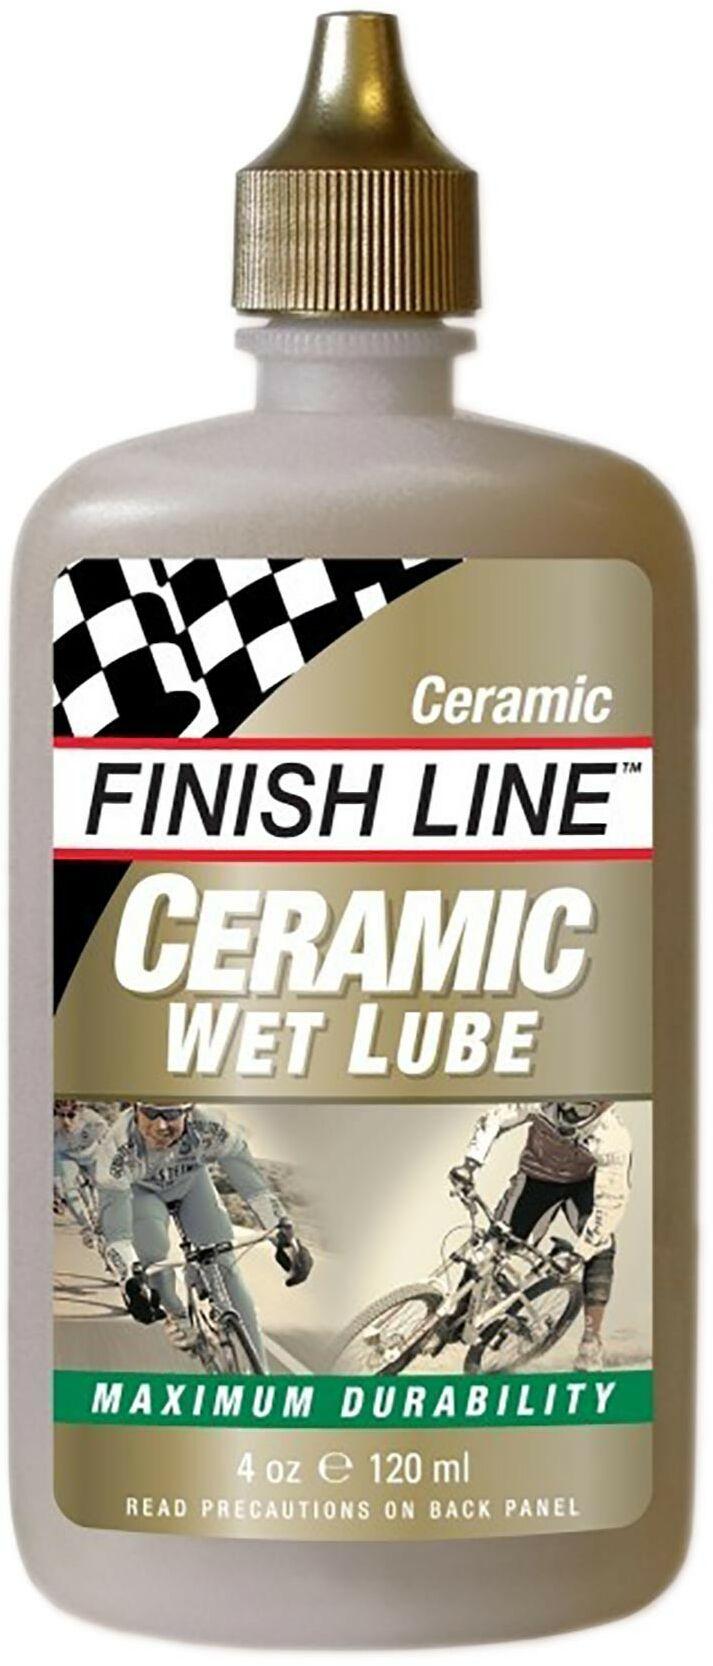 Olej FINISH LINE CERAMIC WET LUBE syntetyczny 60ml butelka